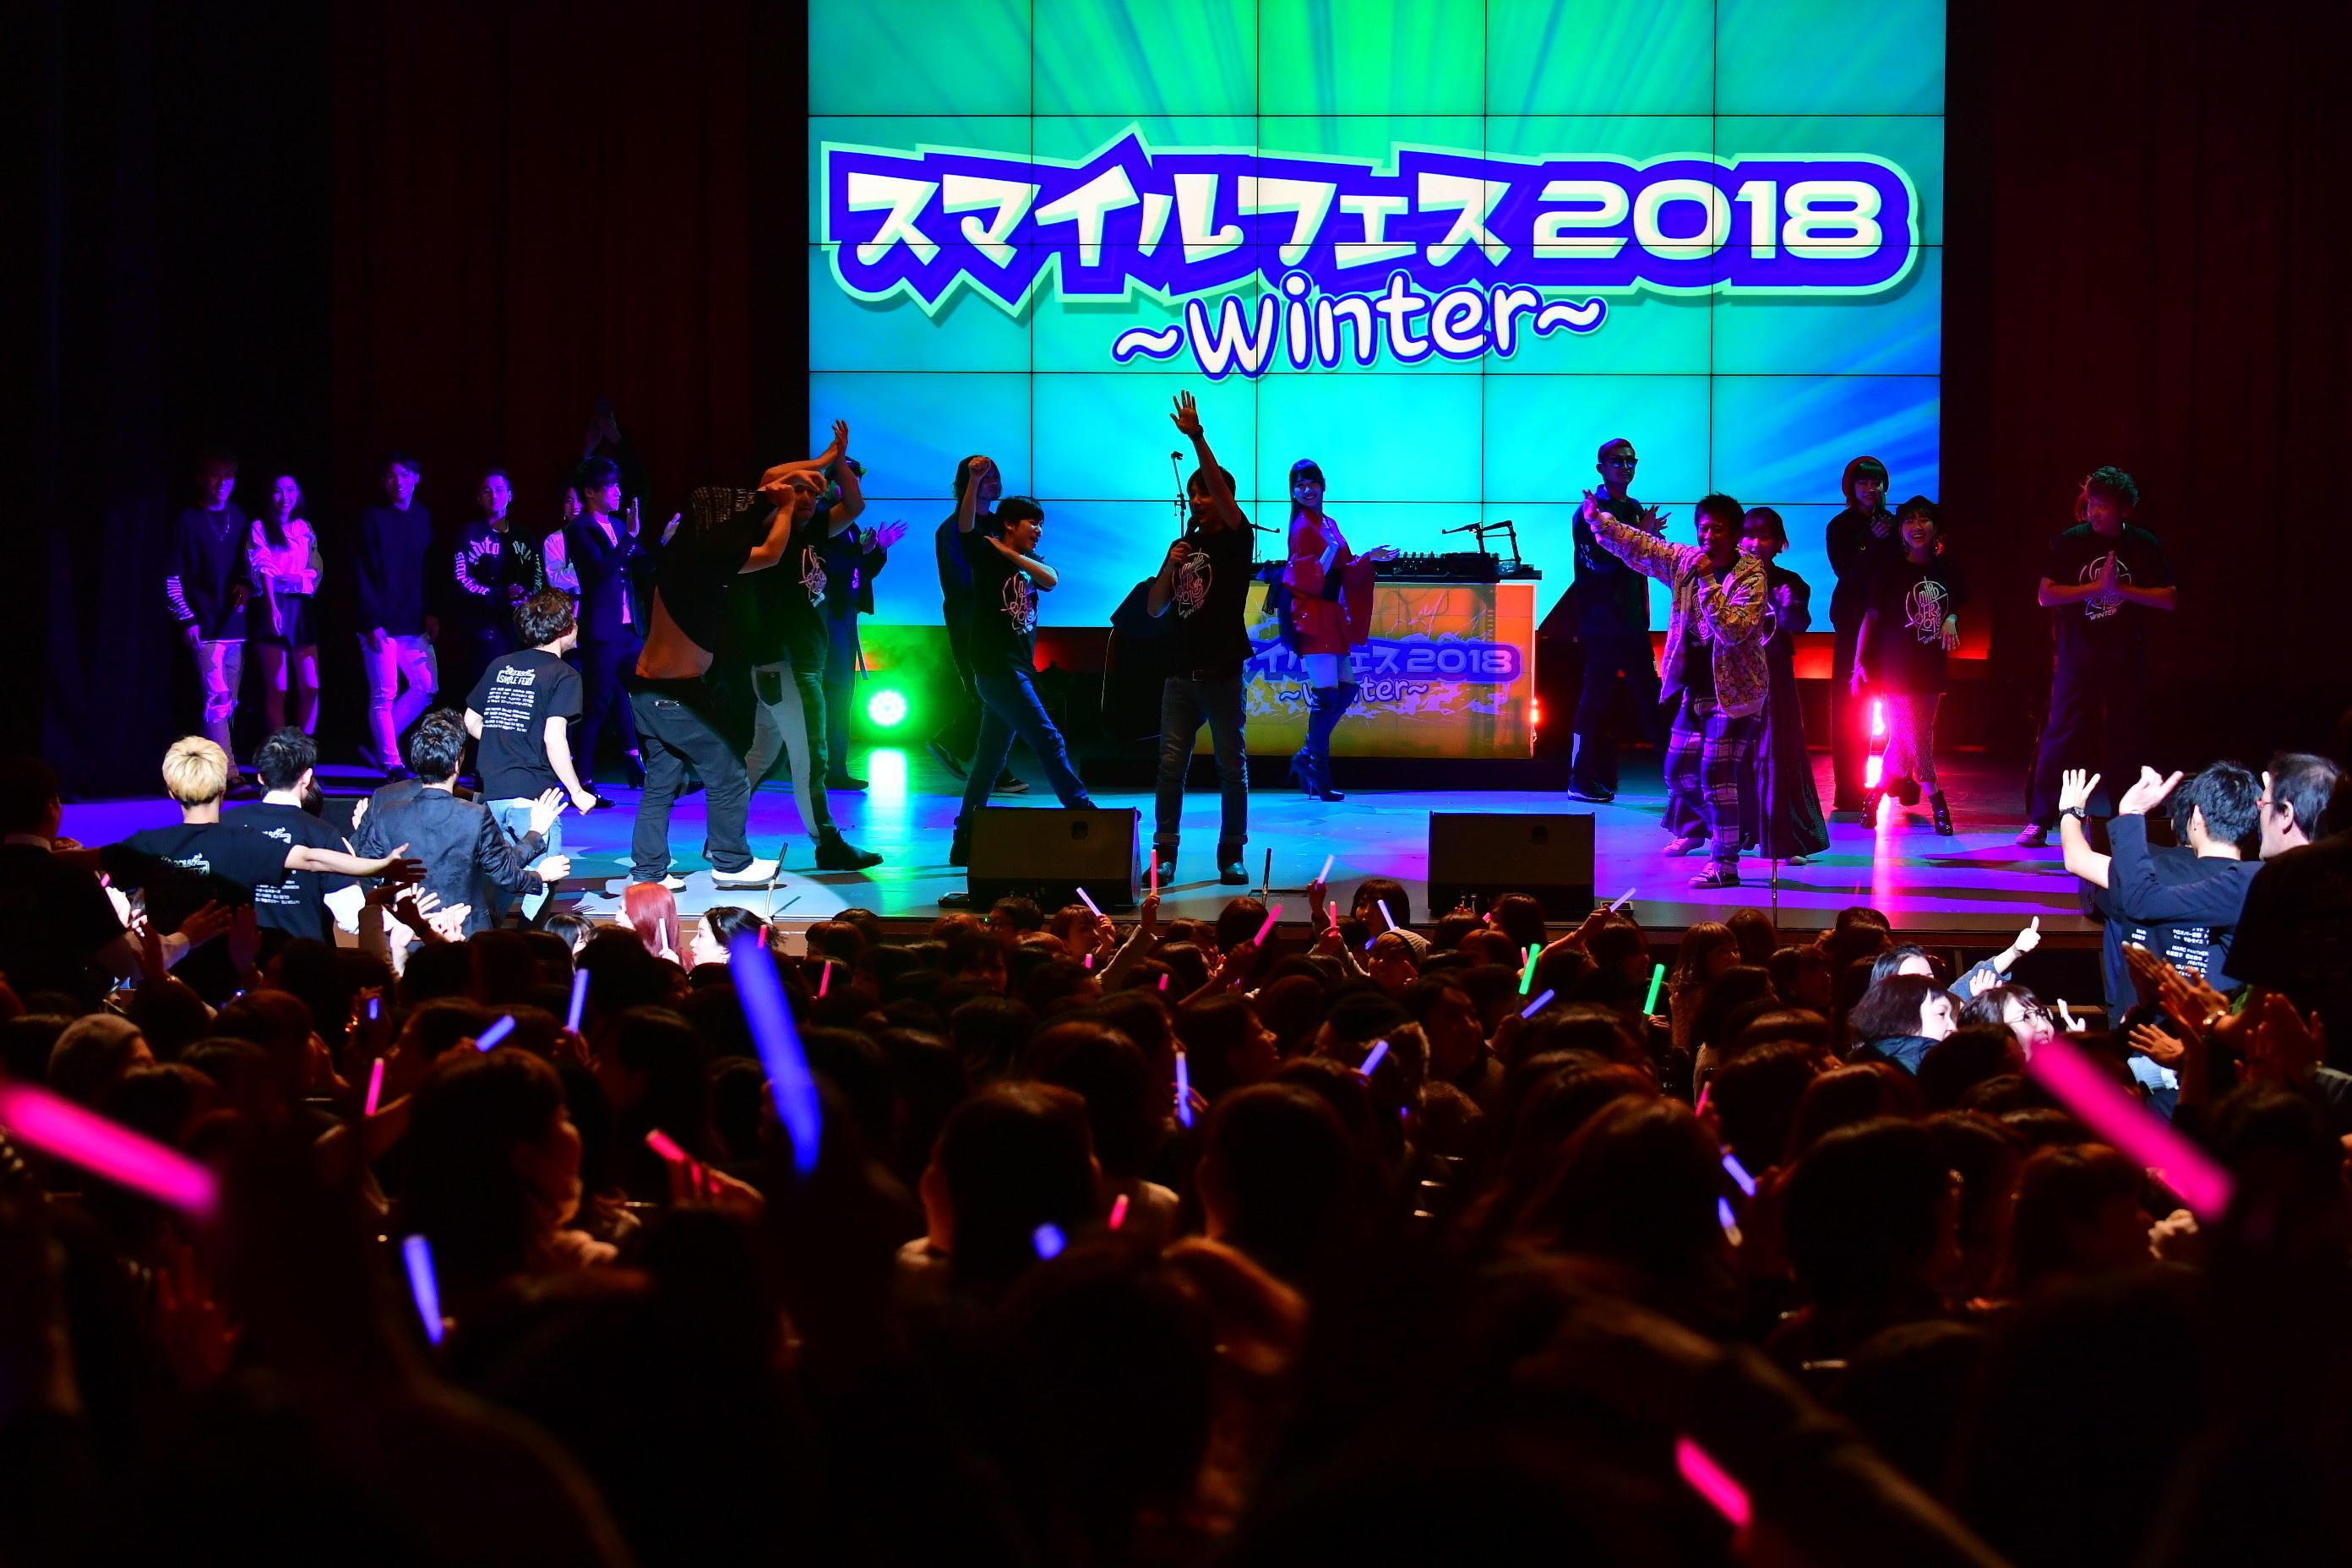 http://news.yoshimoto.co.jp/20180119004829-a2ab64915d04f88c7d94d90143e279bfcd741b76.jpg